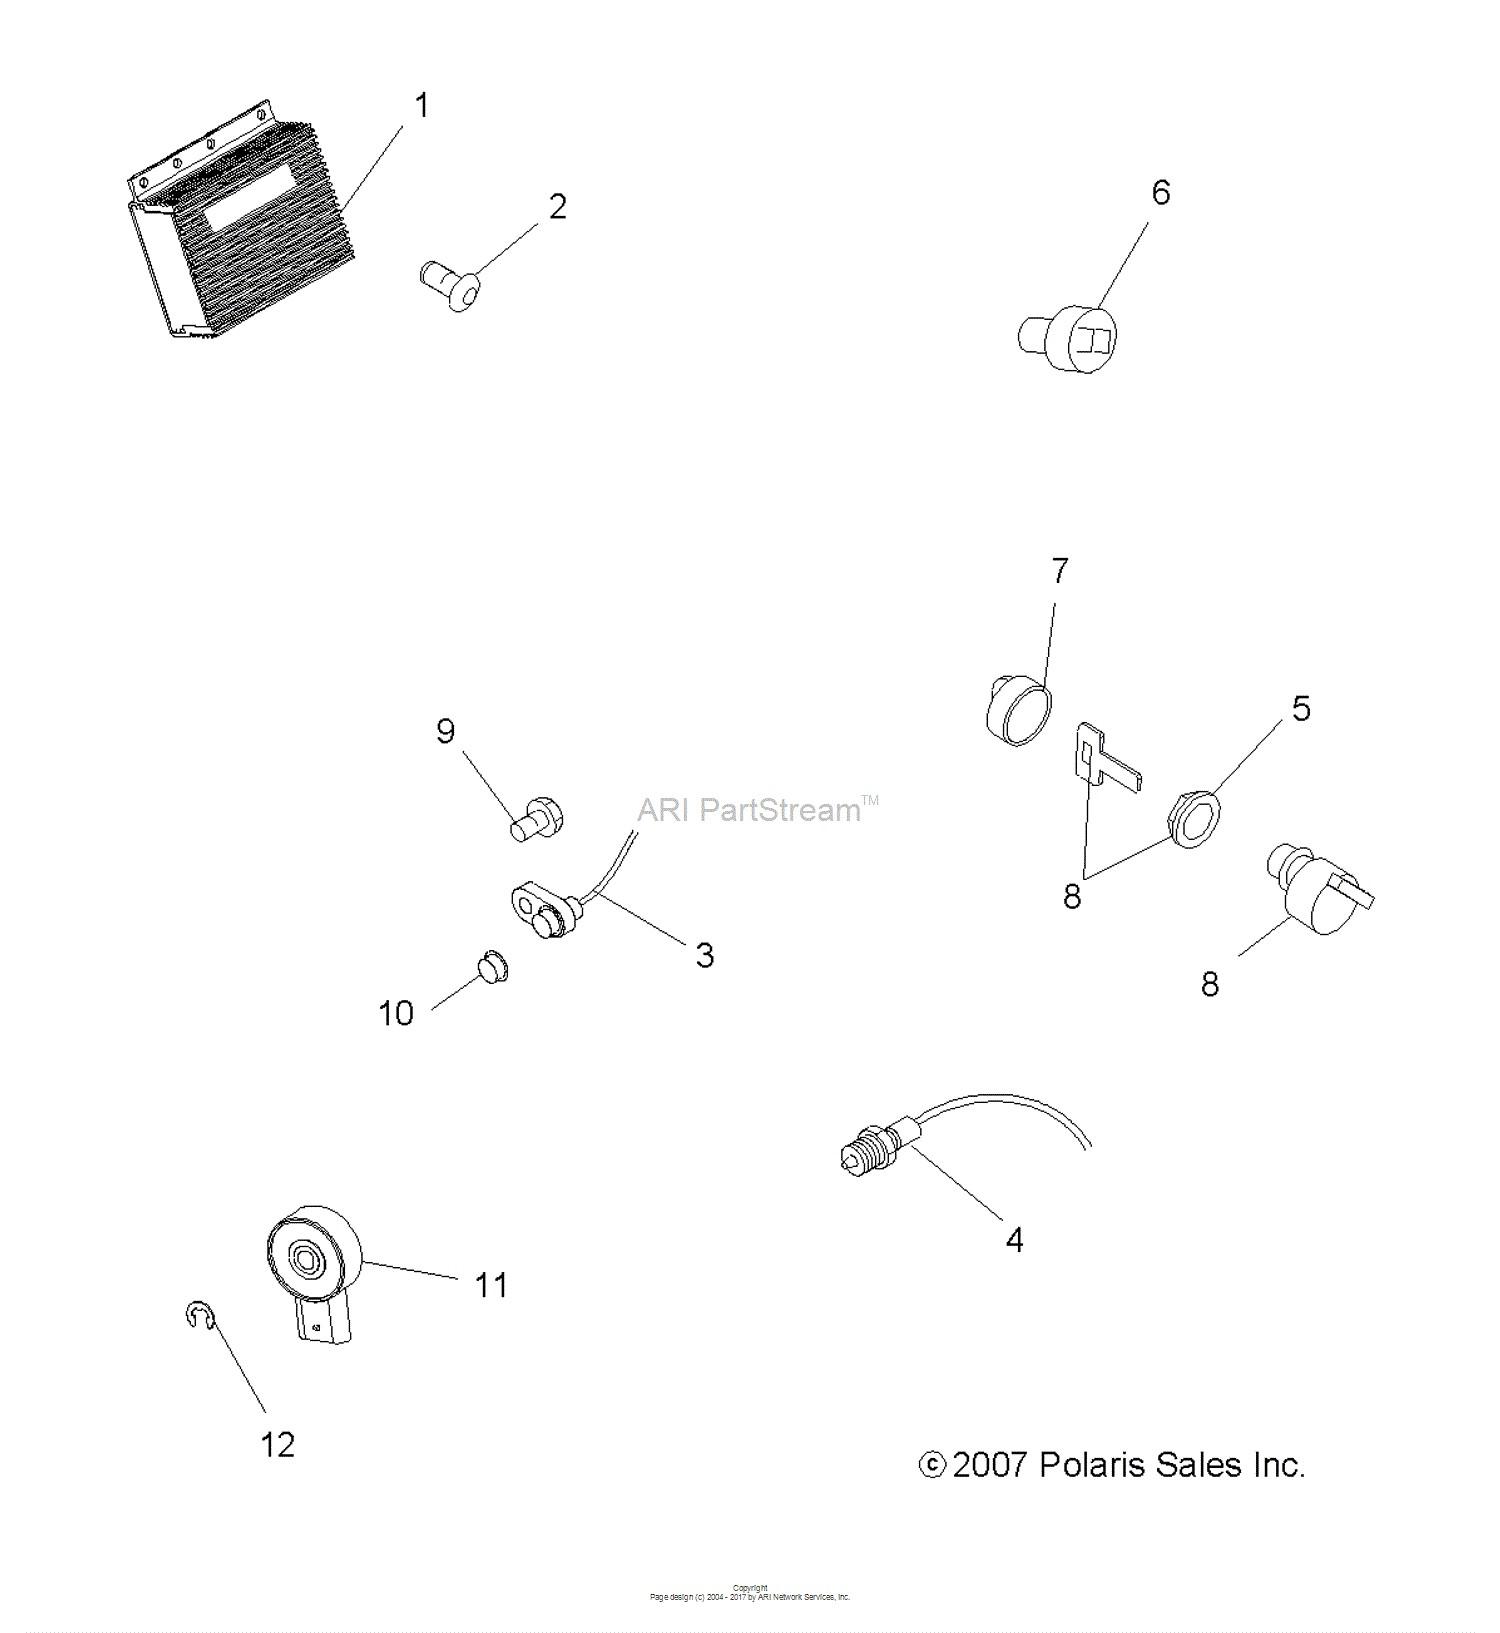 Boitier Module ECM Polaris Sportsman 500 HO 2008 Sportsman 500 6x6  Sportsman 450 2007 OEM 4011568